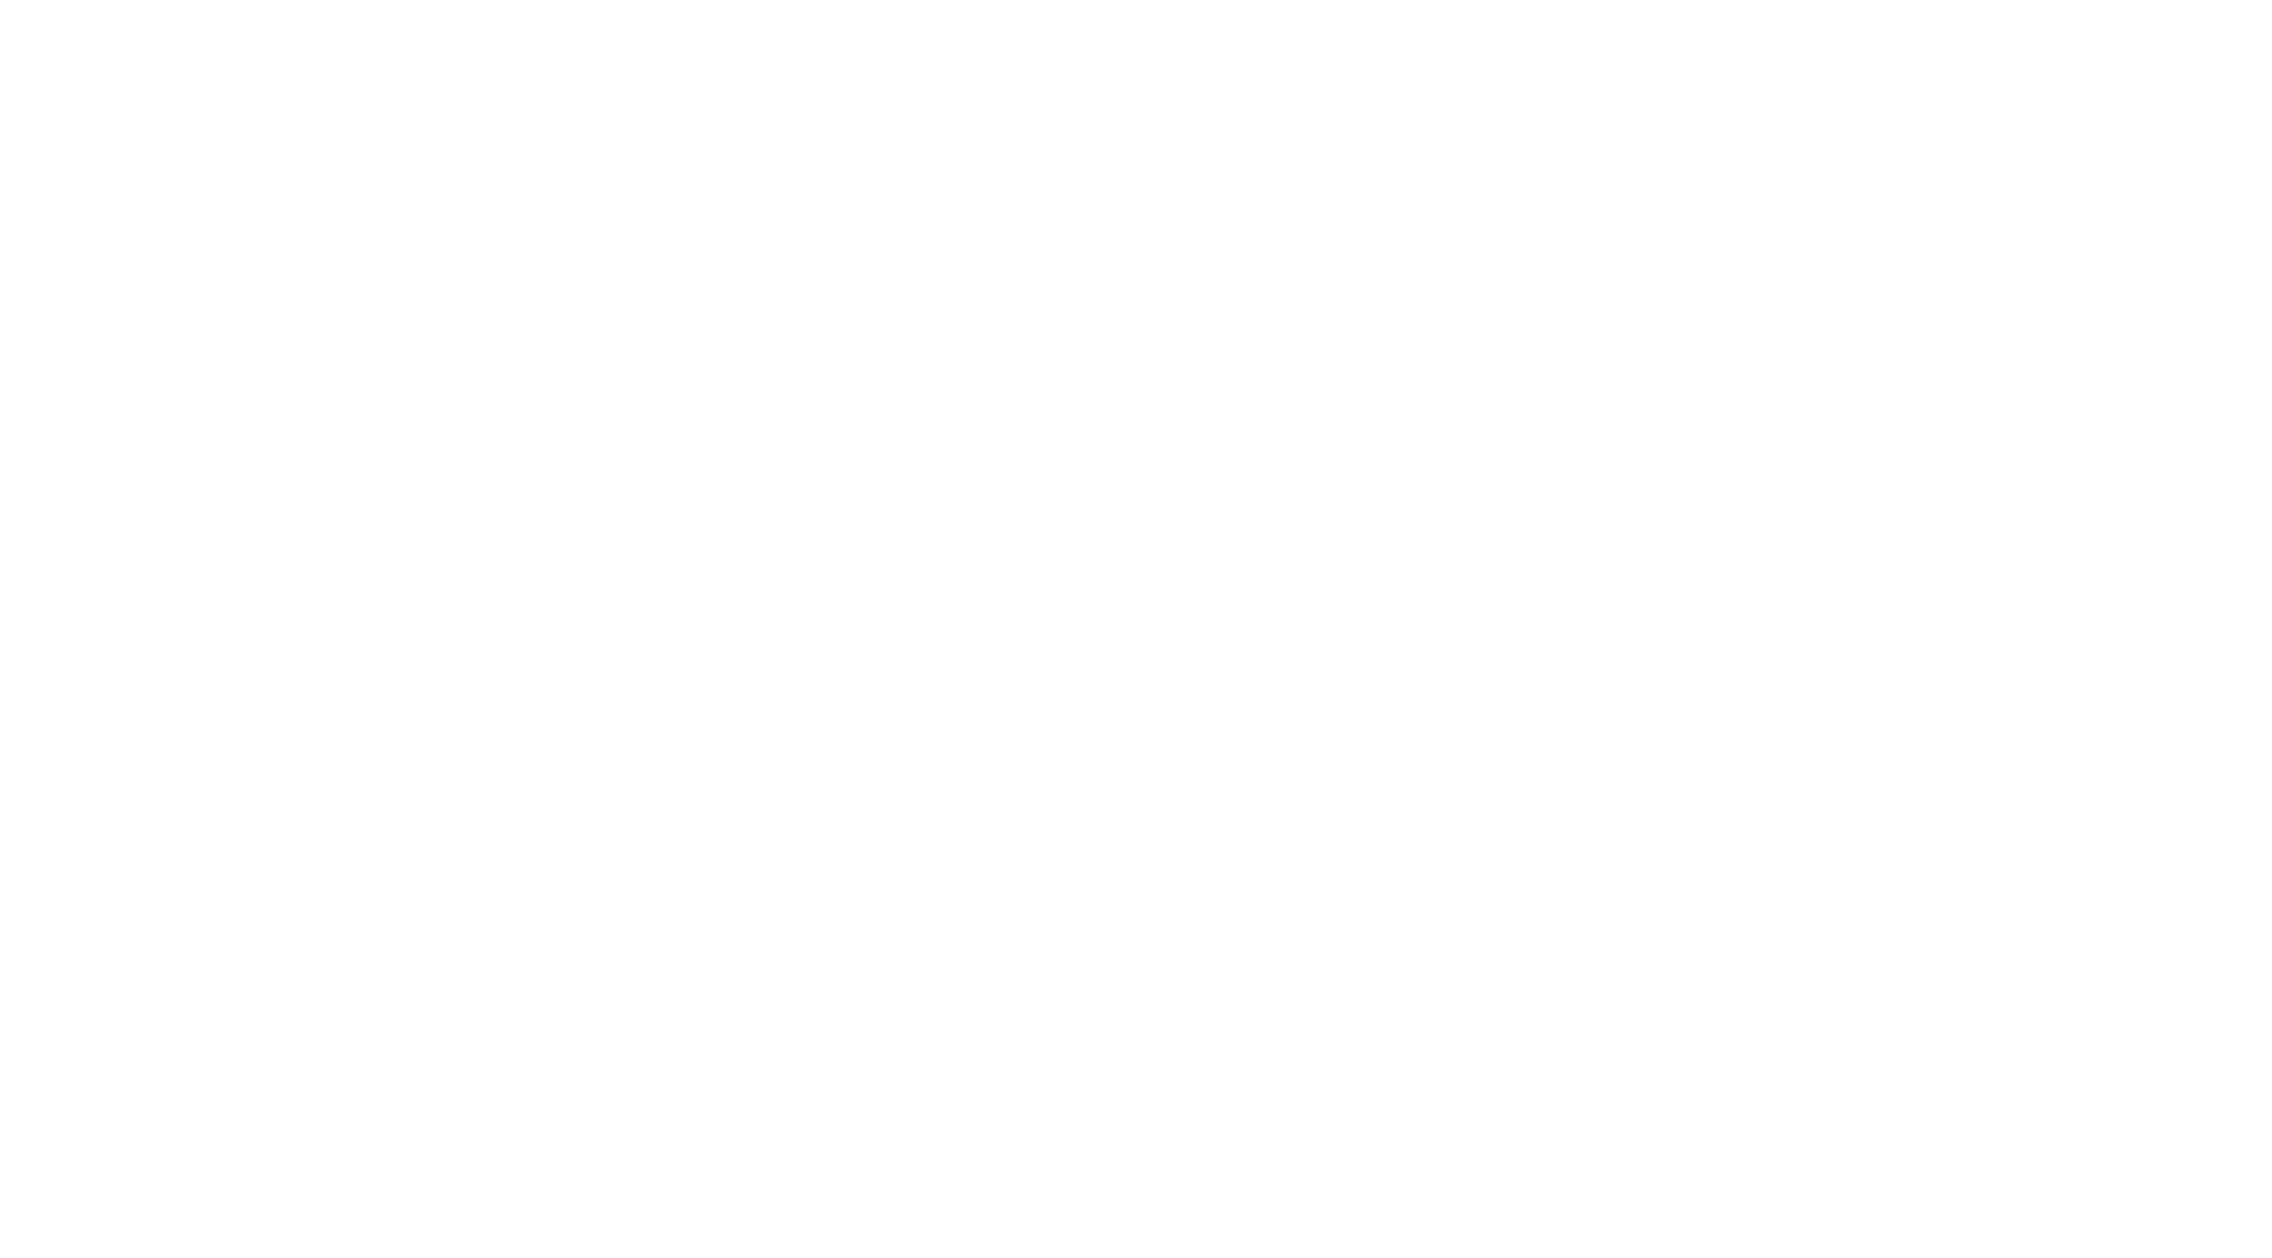 VU_oslo_logo-01.png